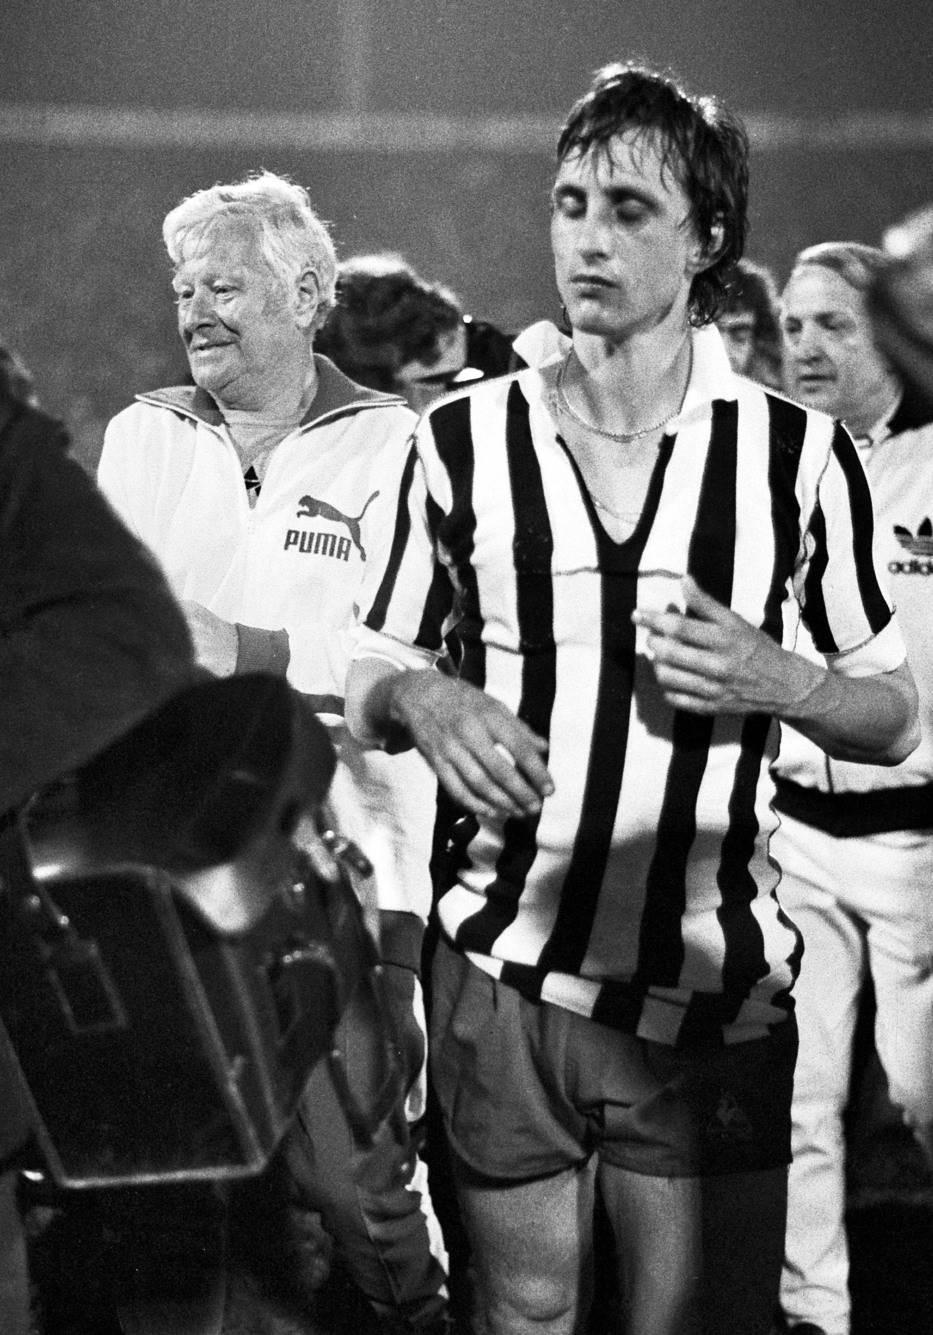 Legenda Ajaksa Johan Krojf u Beogradu 1973, posle pobede nad Juventusom u finalu Kupa šampiona.